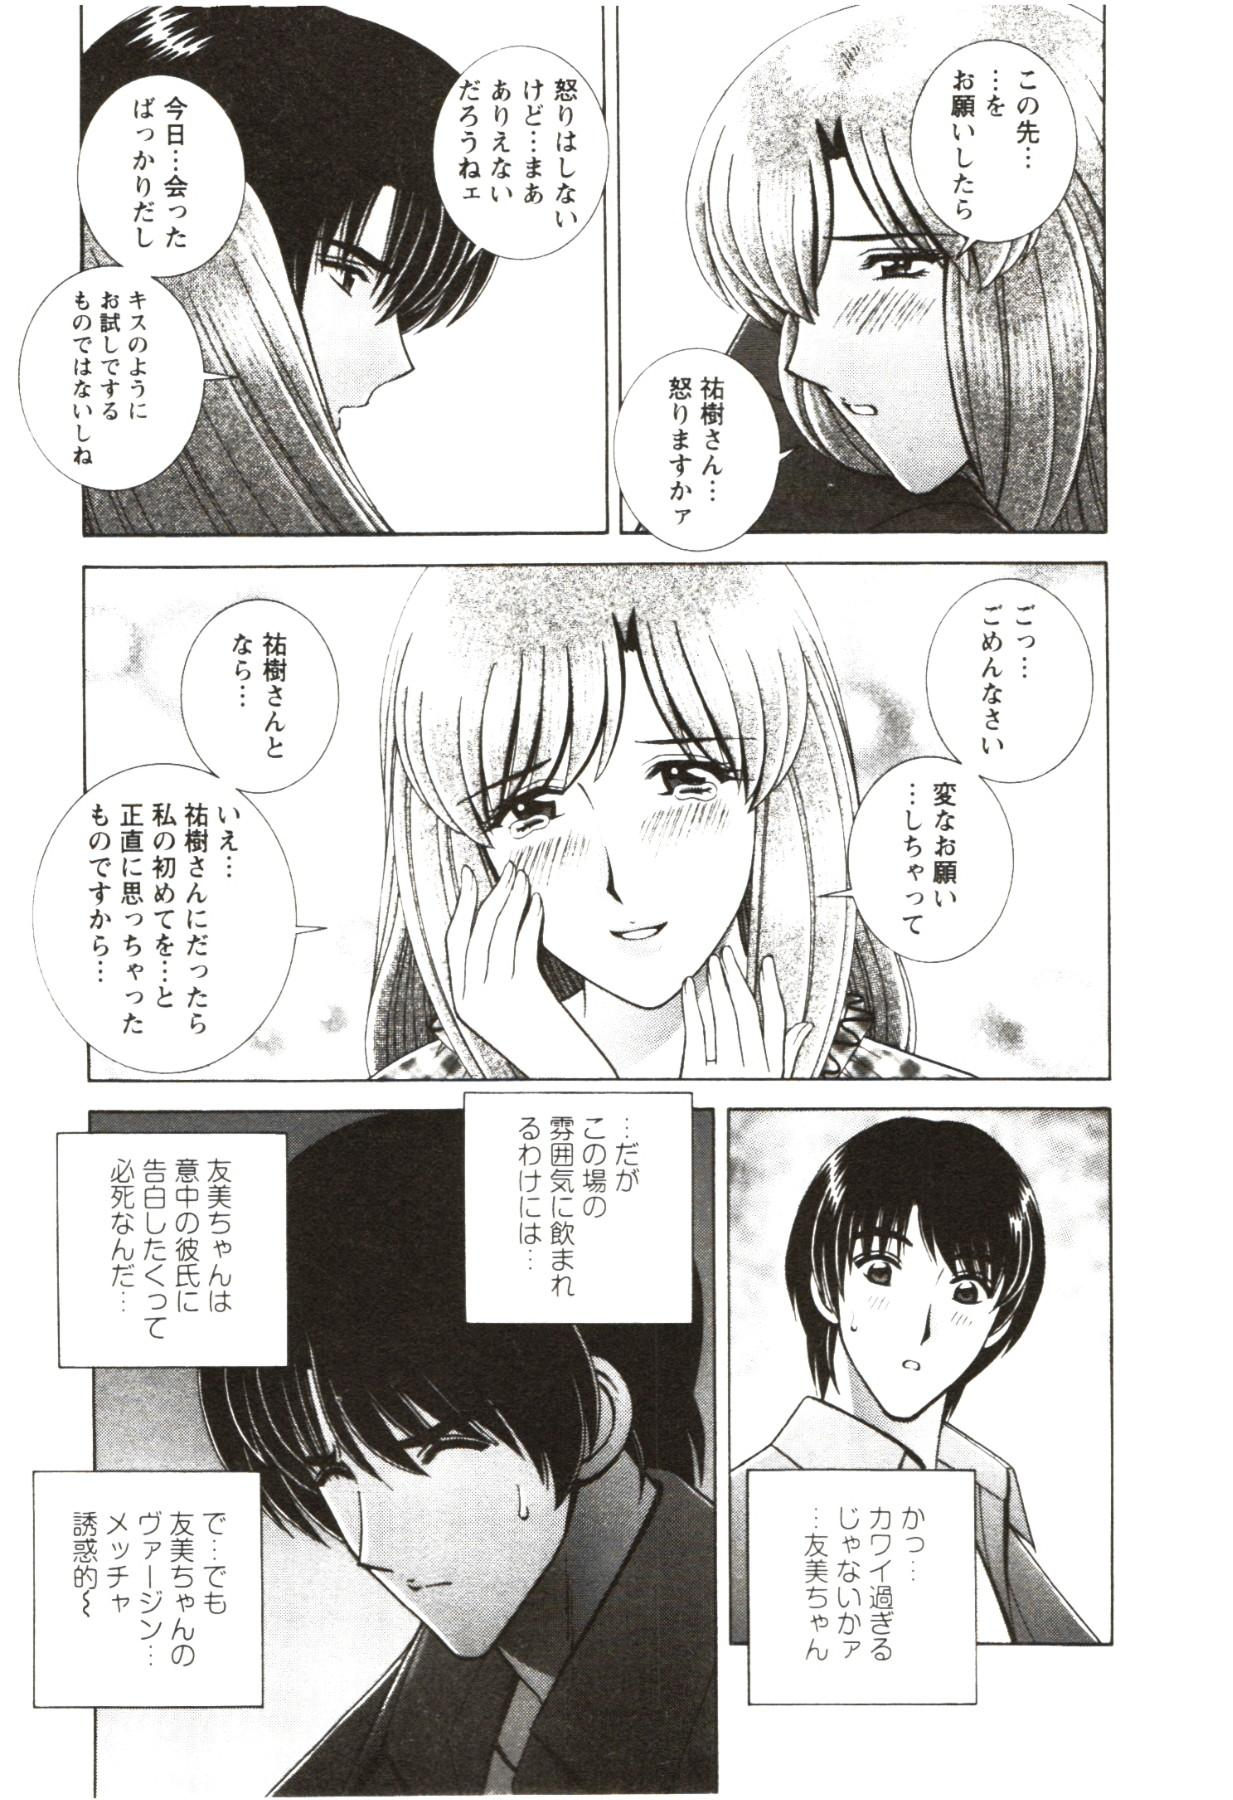 Futarigurashi 66